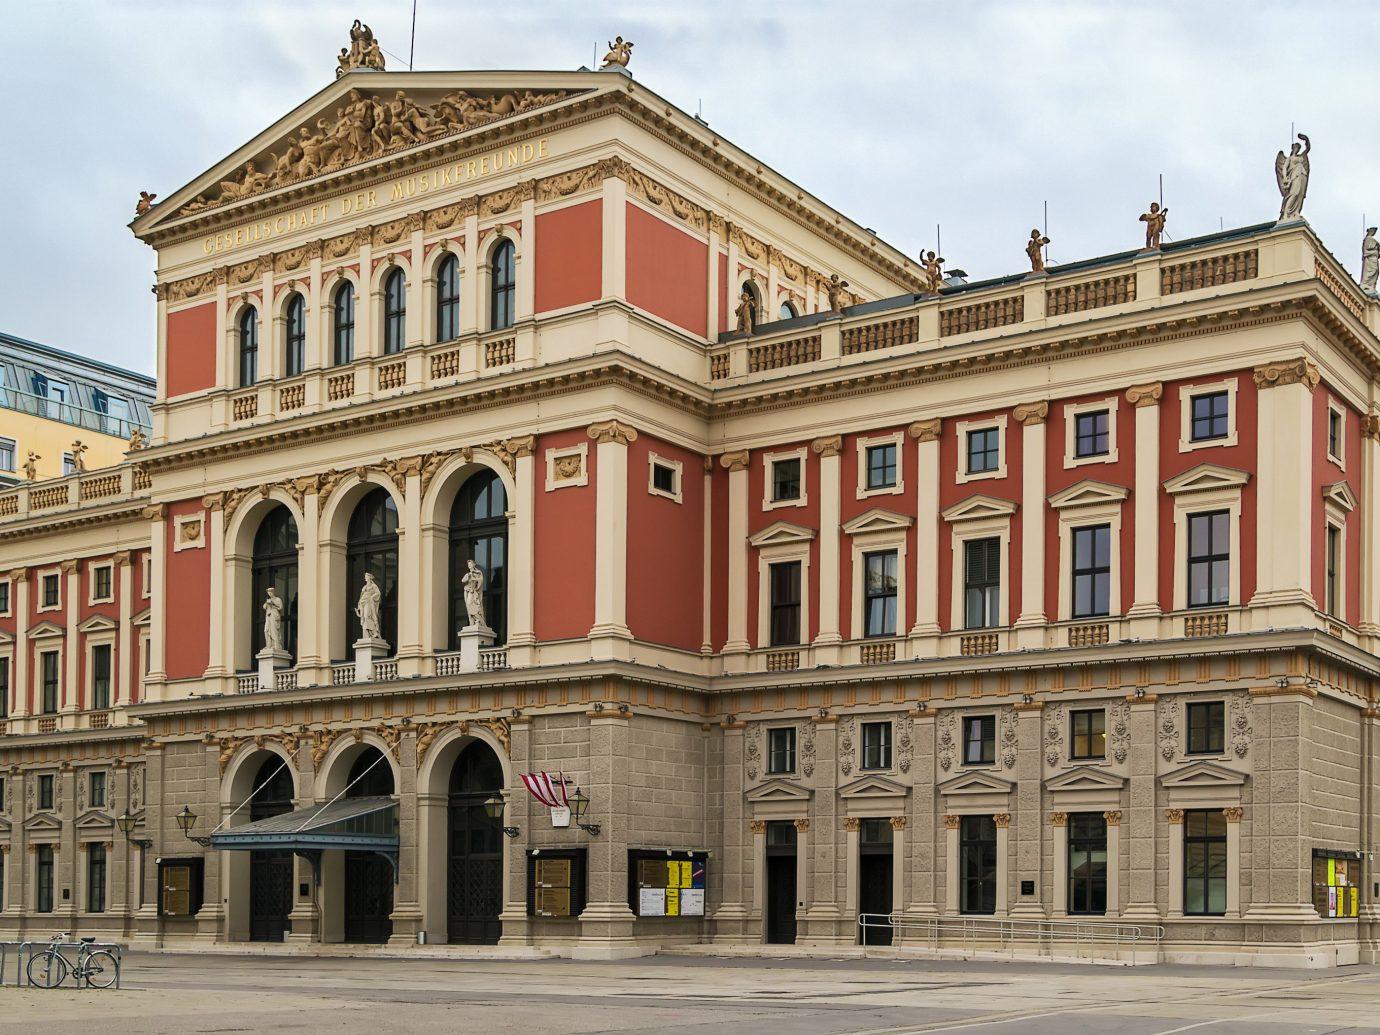 Wiener Konzerthaus in Vienna